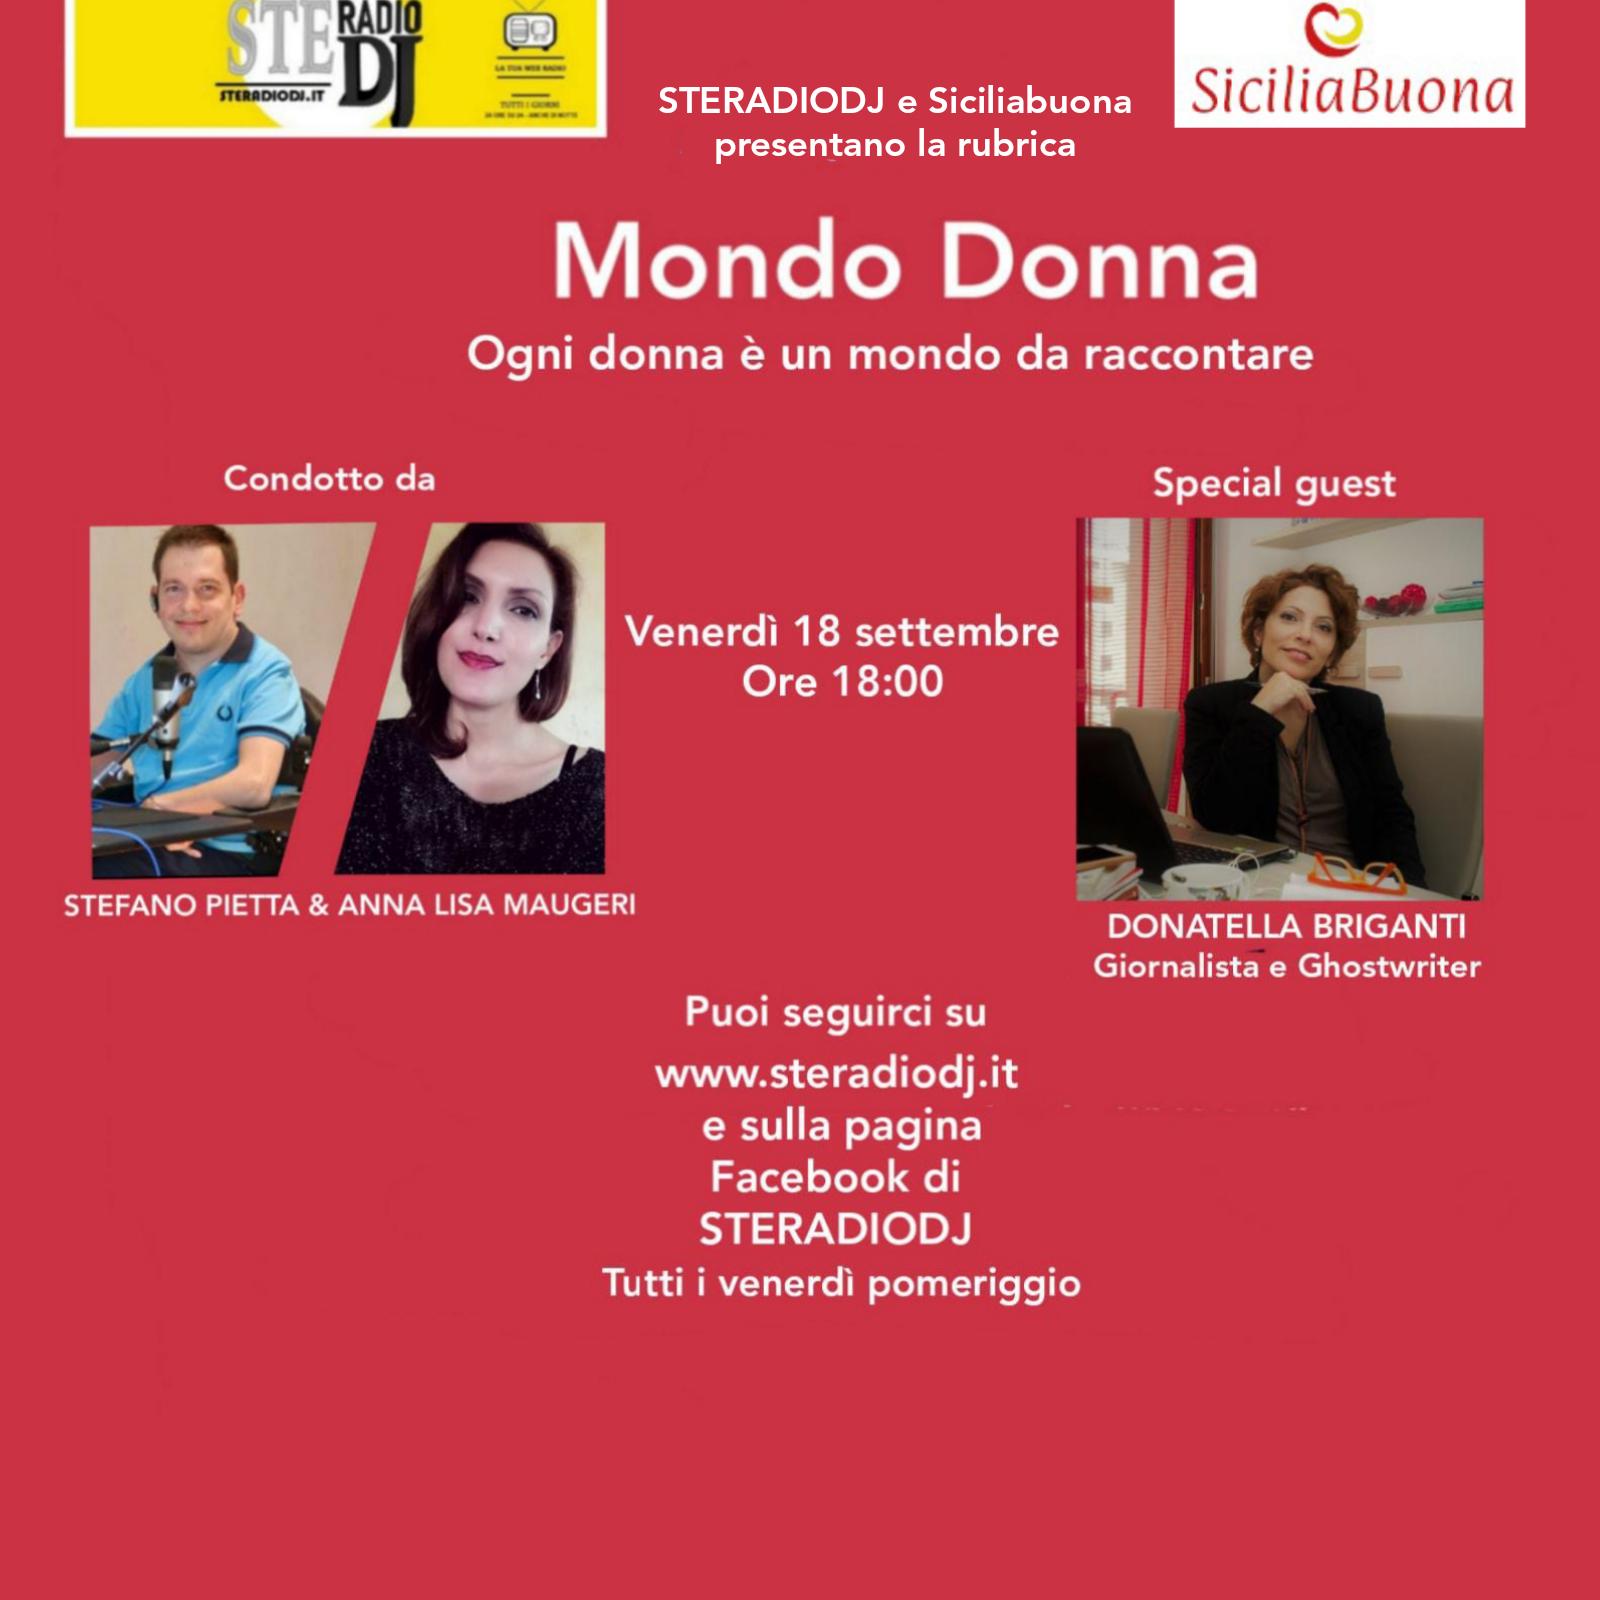 Intervista a Donatella Briganti